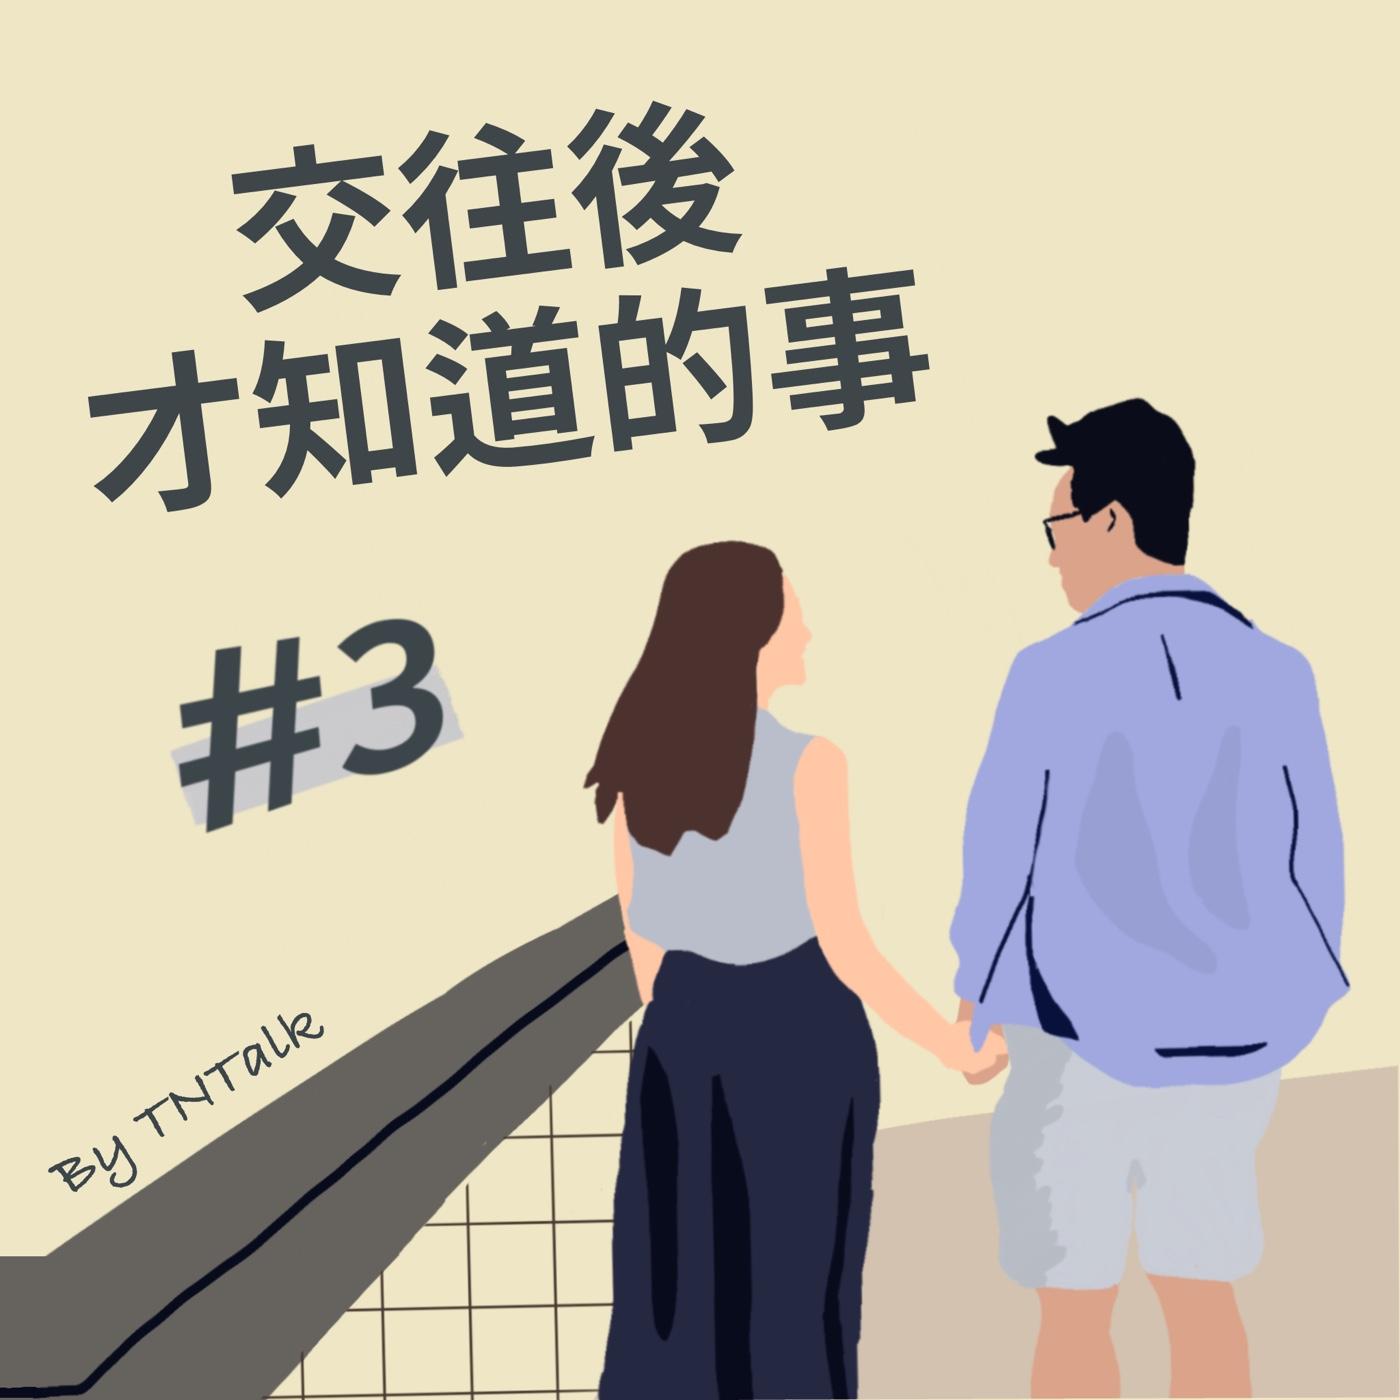 #3 交往後才知道的事? 了解彼此愛的語言讓溝通事半功倍!